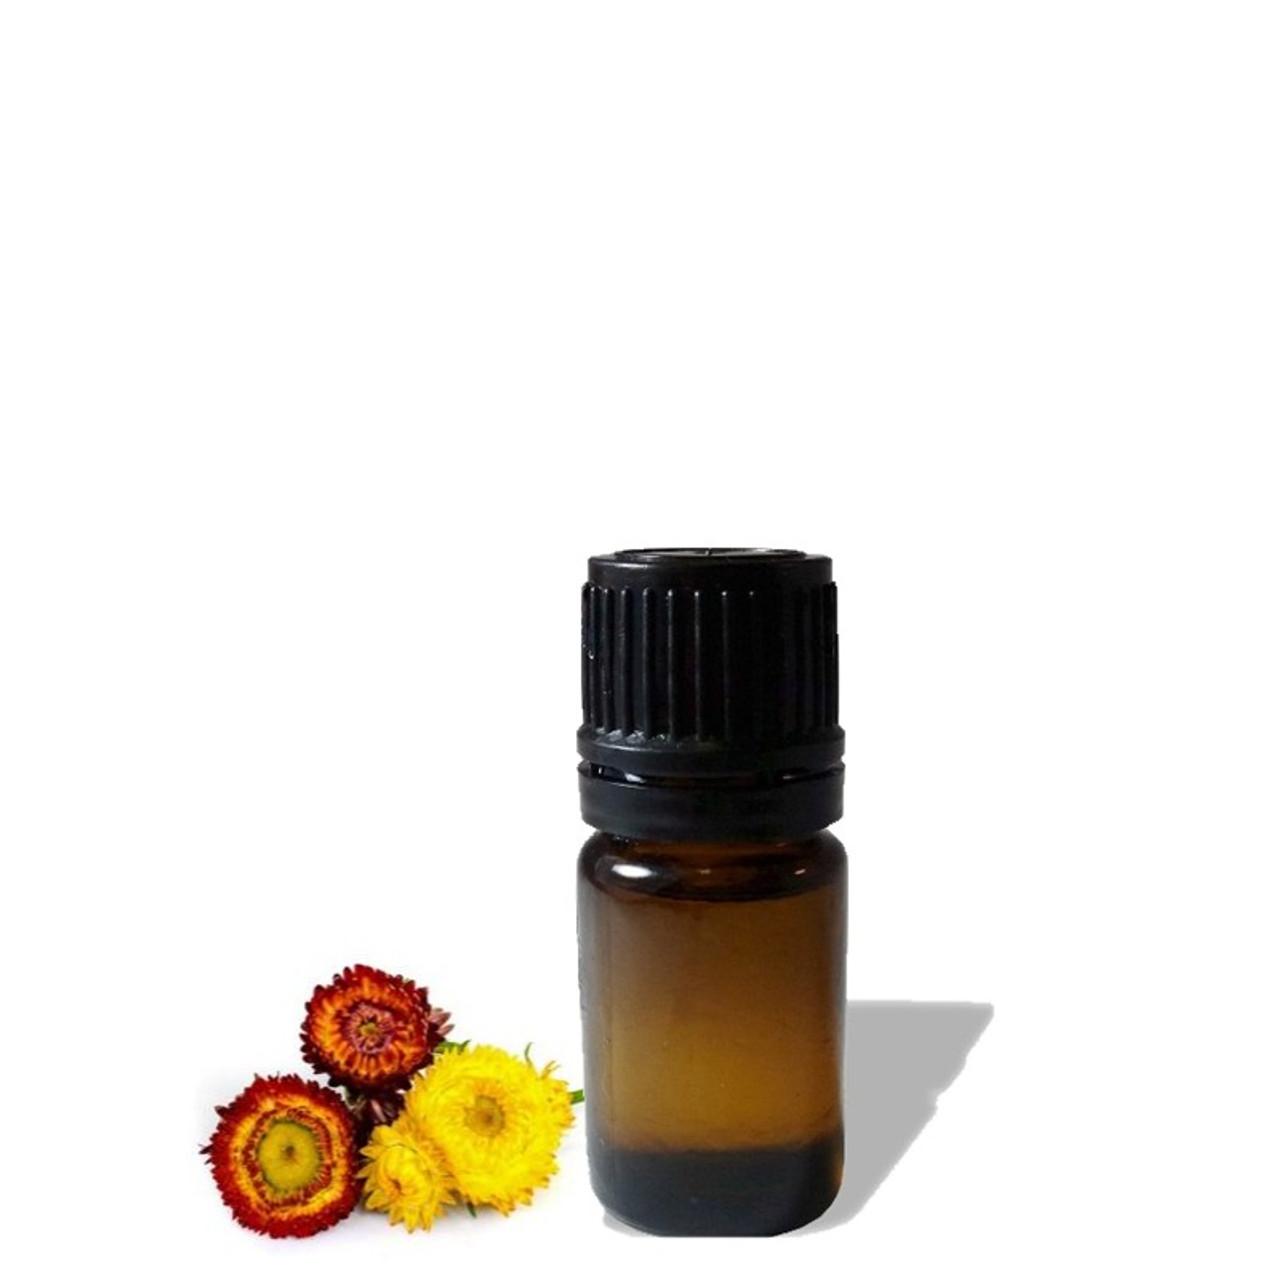 Helichrysum Essential Oil